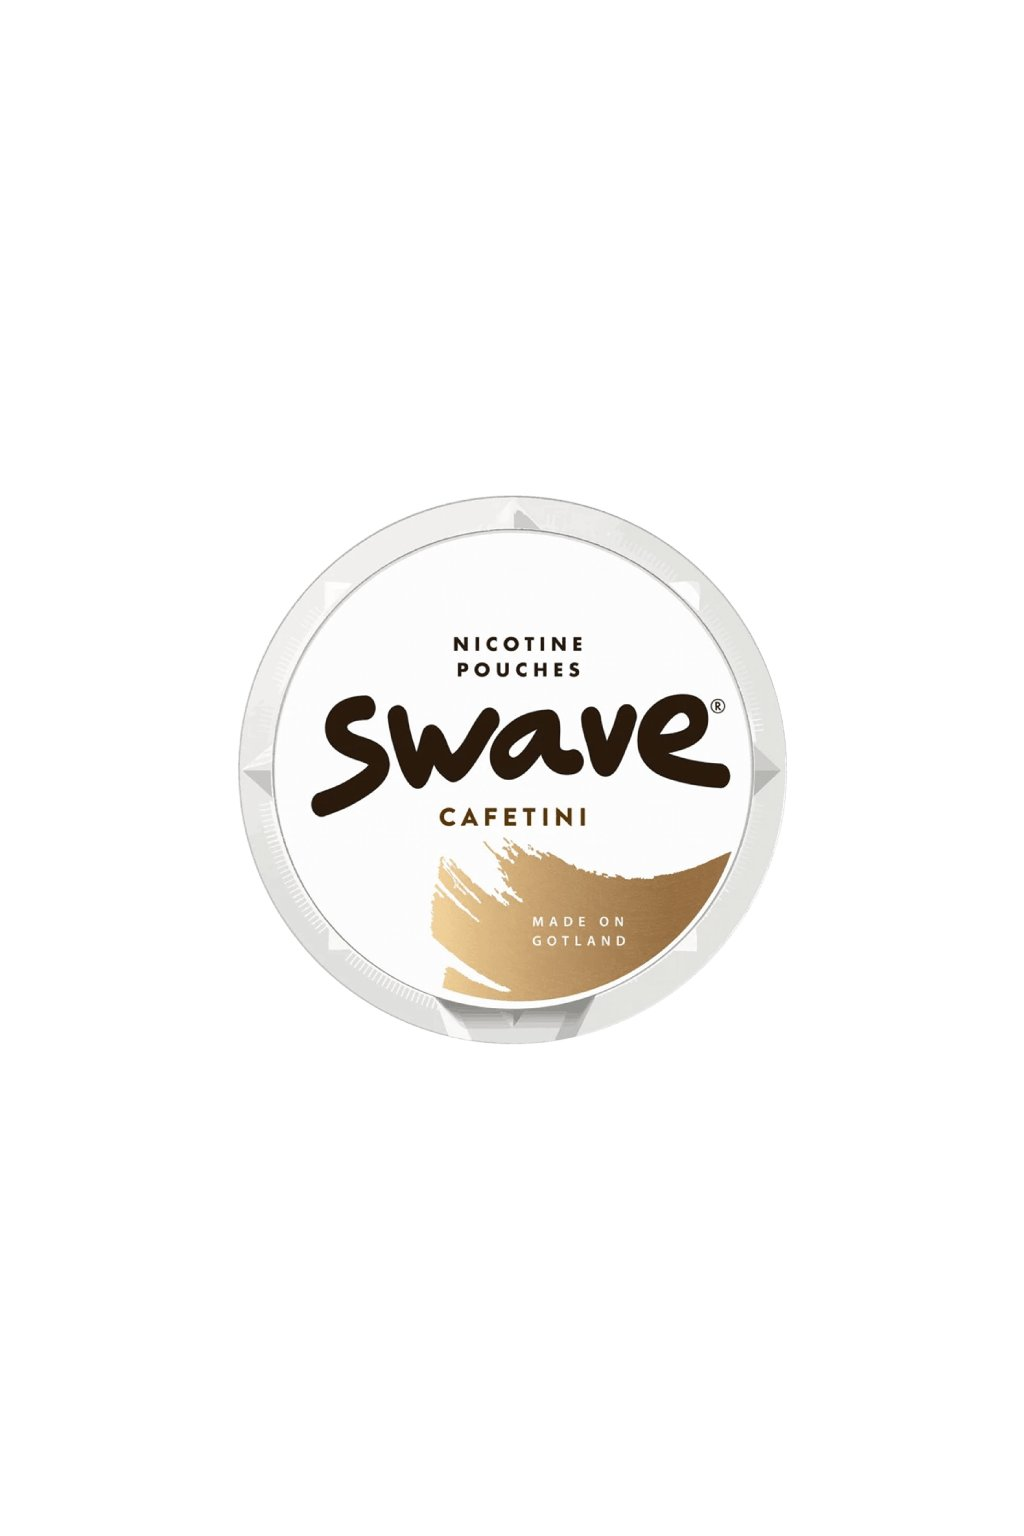 swave cafetini nikotinove sacky